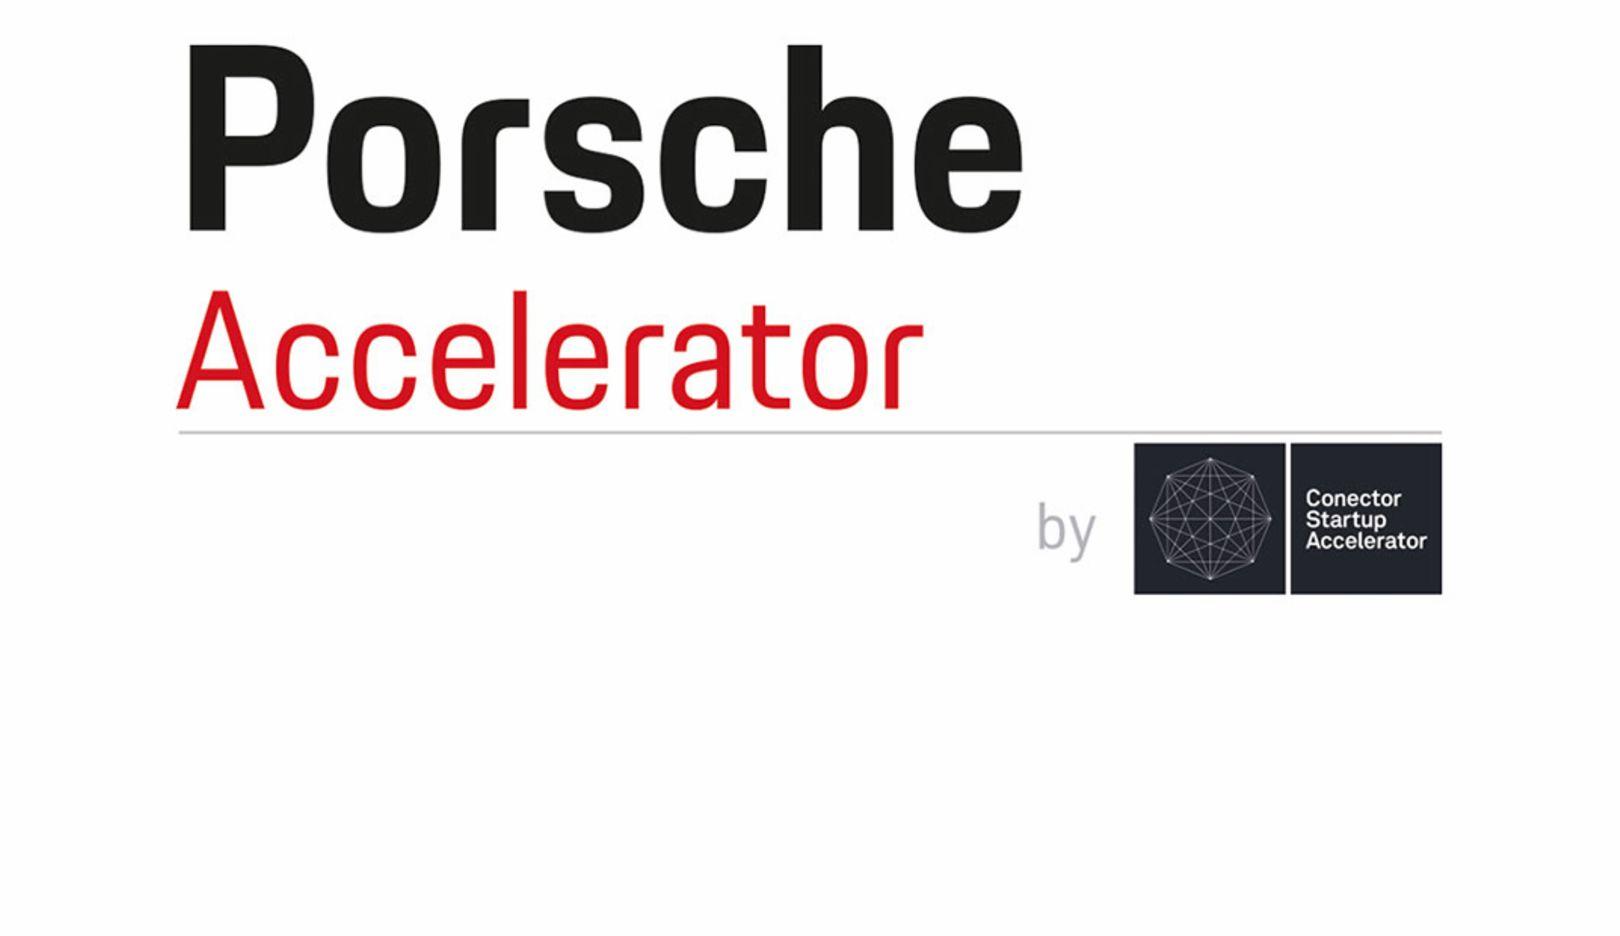 Porsche Accelerator by Conector, 2017, Porsche AG